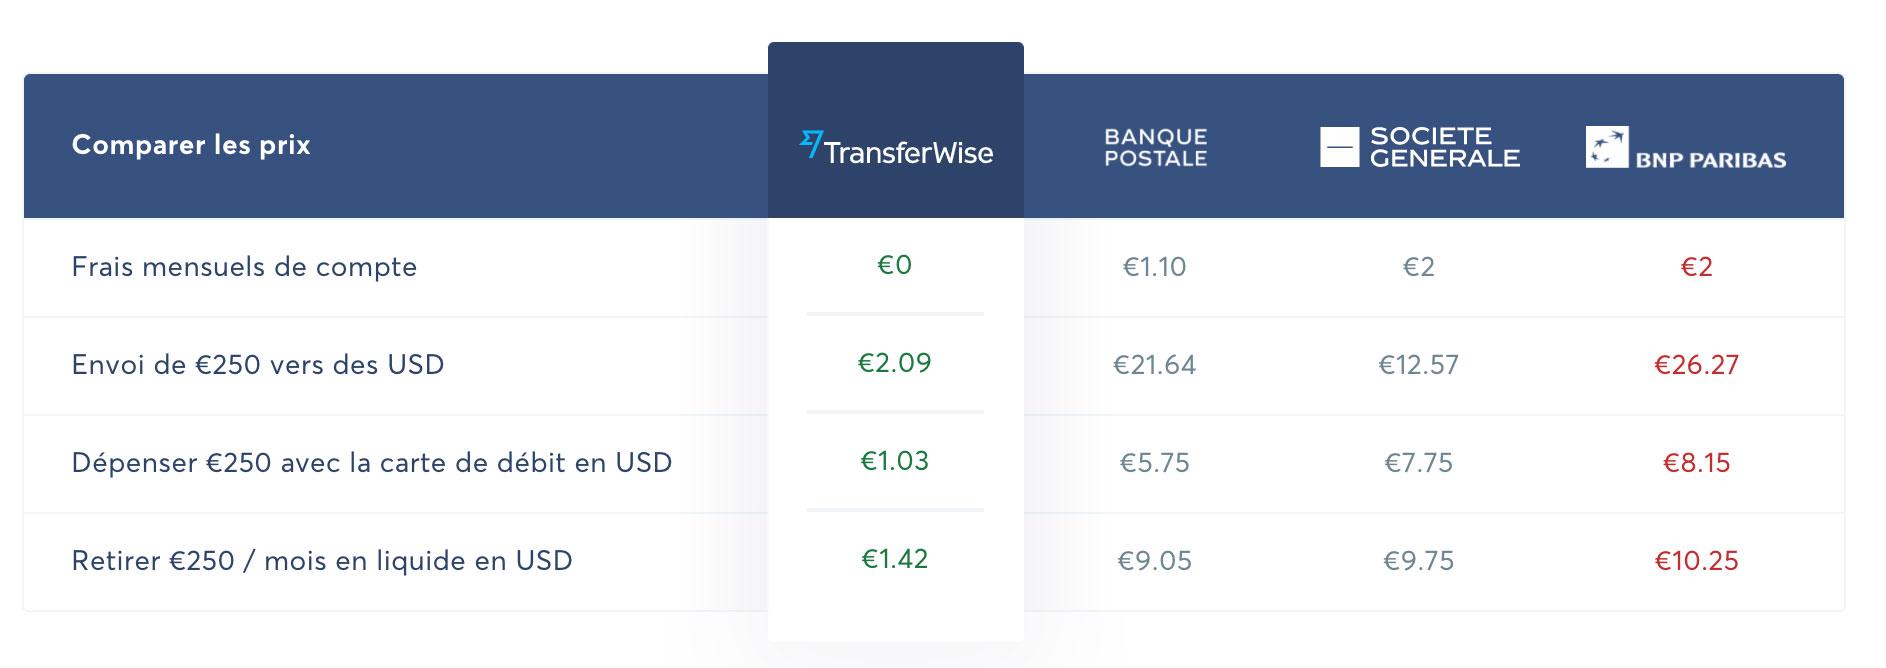 Politique de prix Transferwise